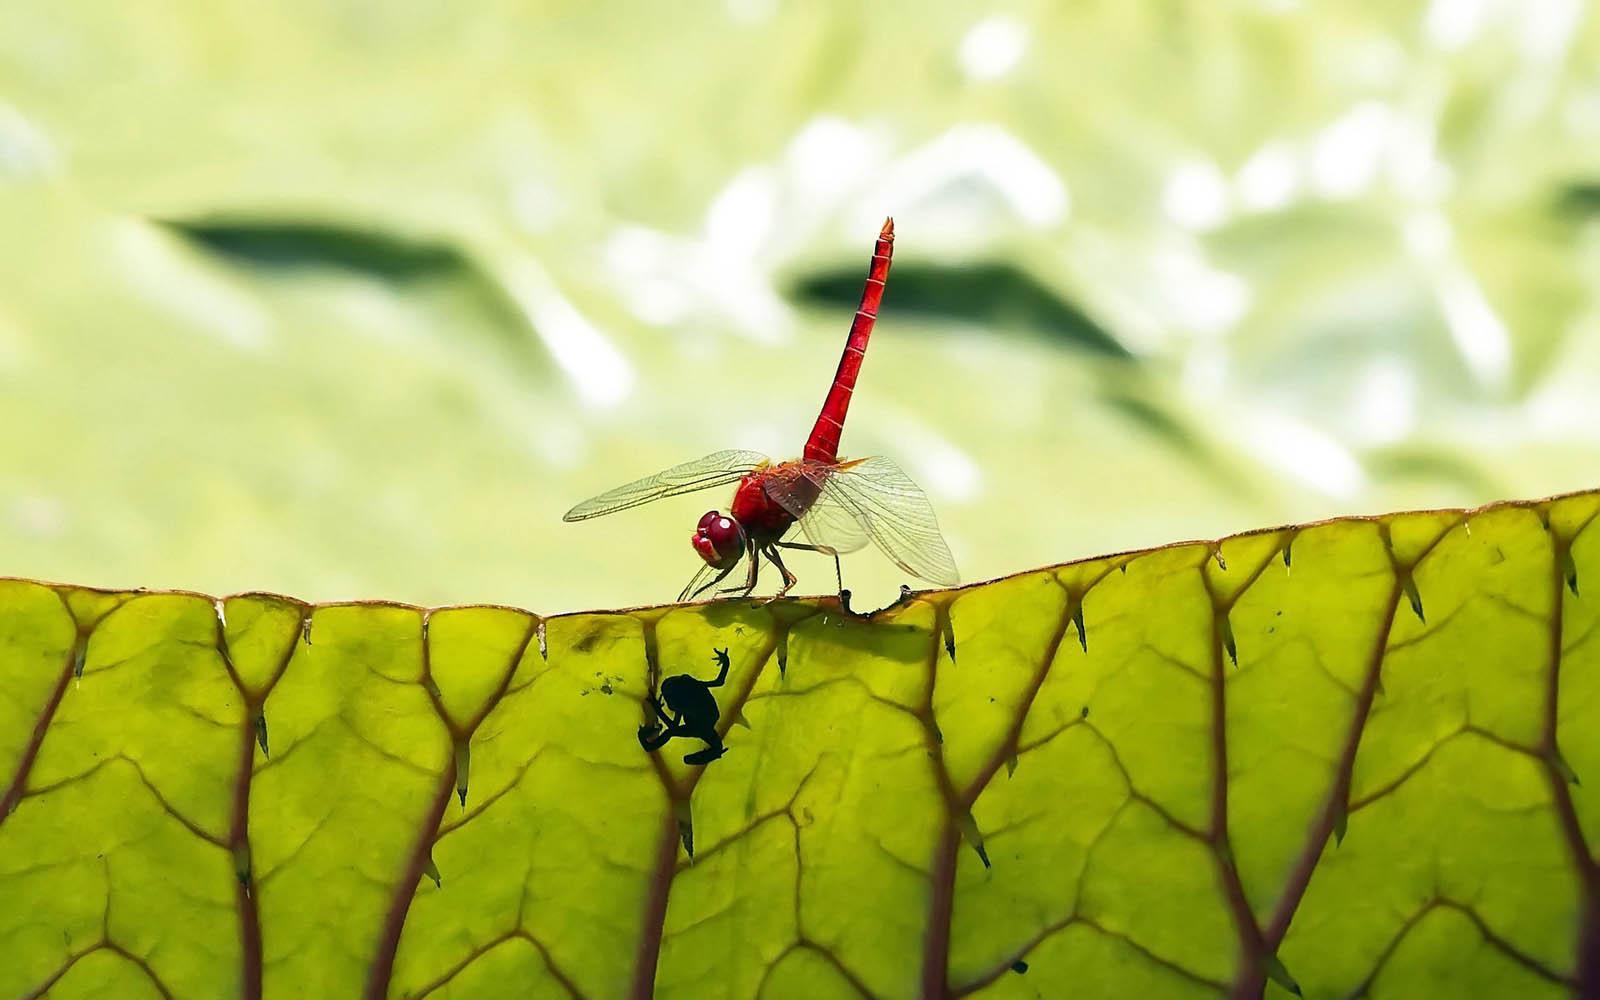 http://3.bp.blogspot.com/-PVVLTgh1mhk/UO2f-fzPRPI/AAAAAAAAREQ/iQAl5X-E_dI/s1600/Dragonfly+Wallpapers+08.jpg